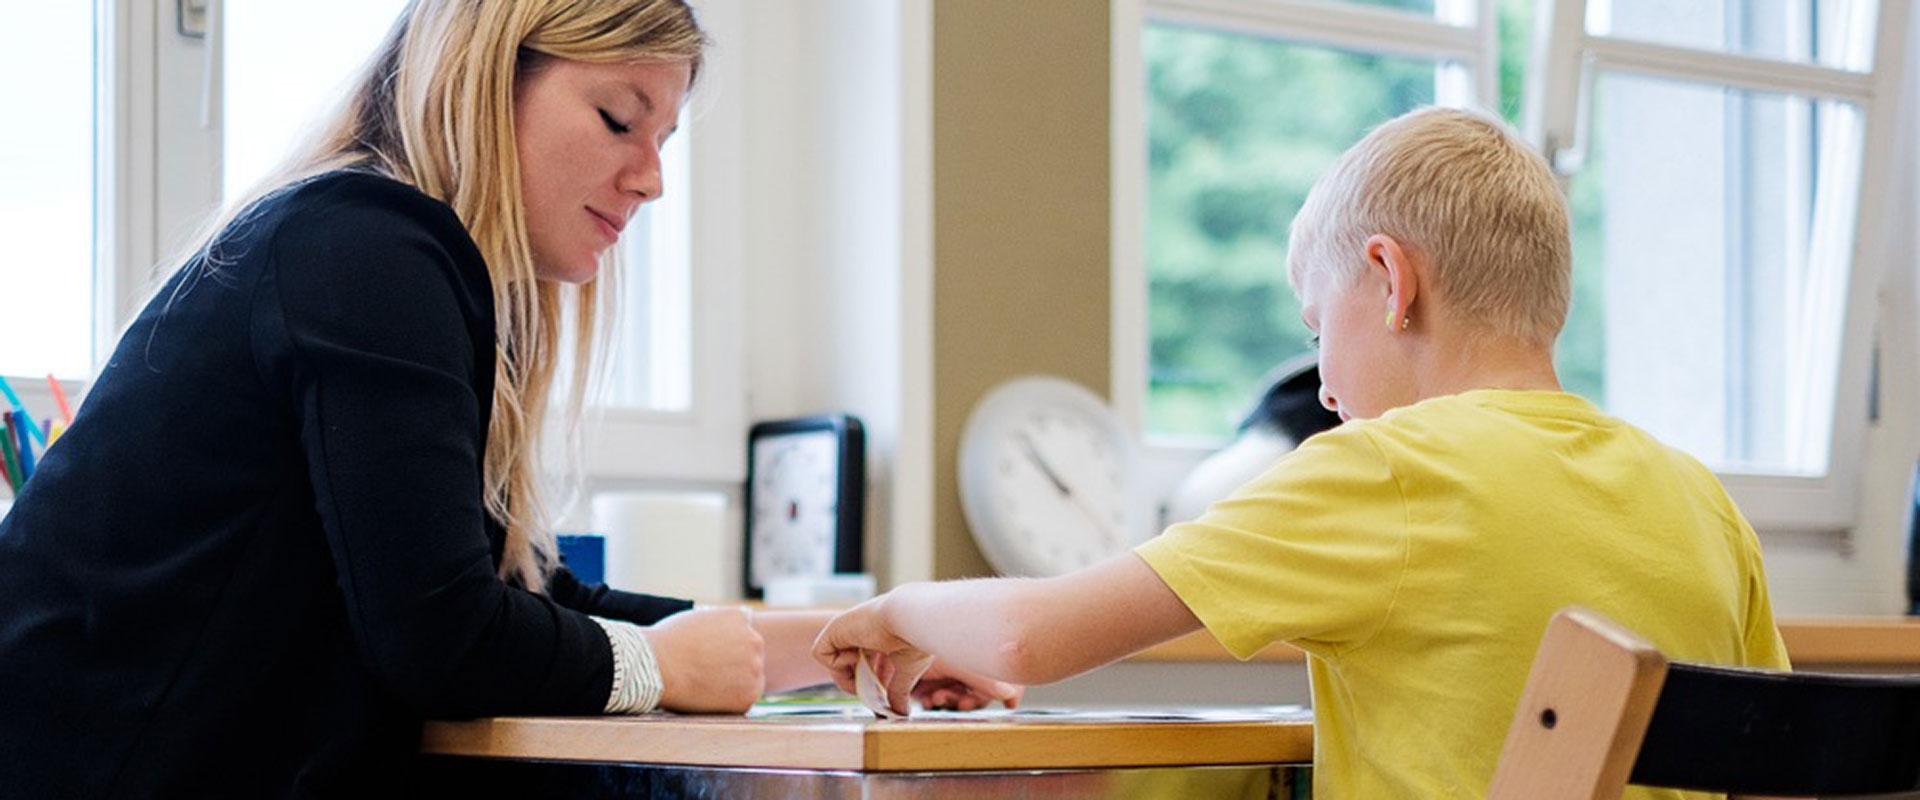 Evropský den logopedie s Nemocnicí Blansko:  Sobotní logopedické dopoledne pro rodiče s dětmi.